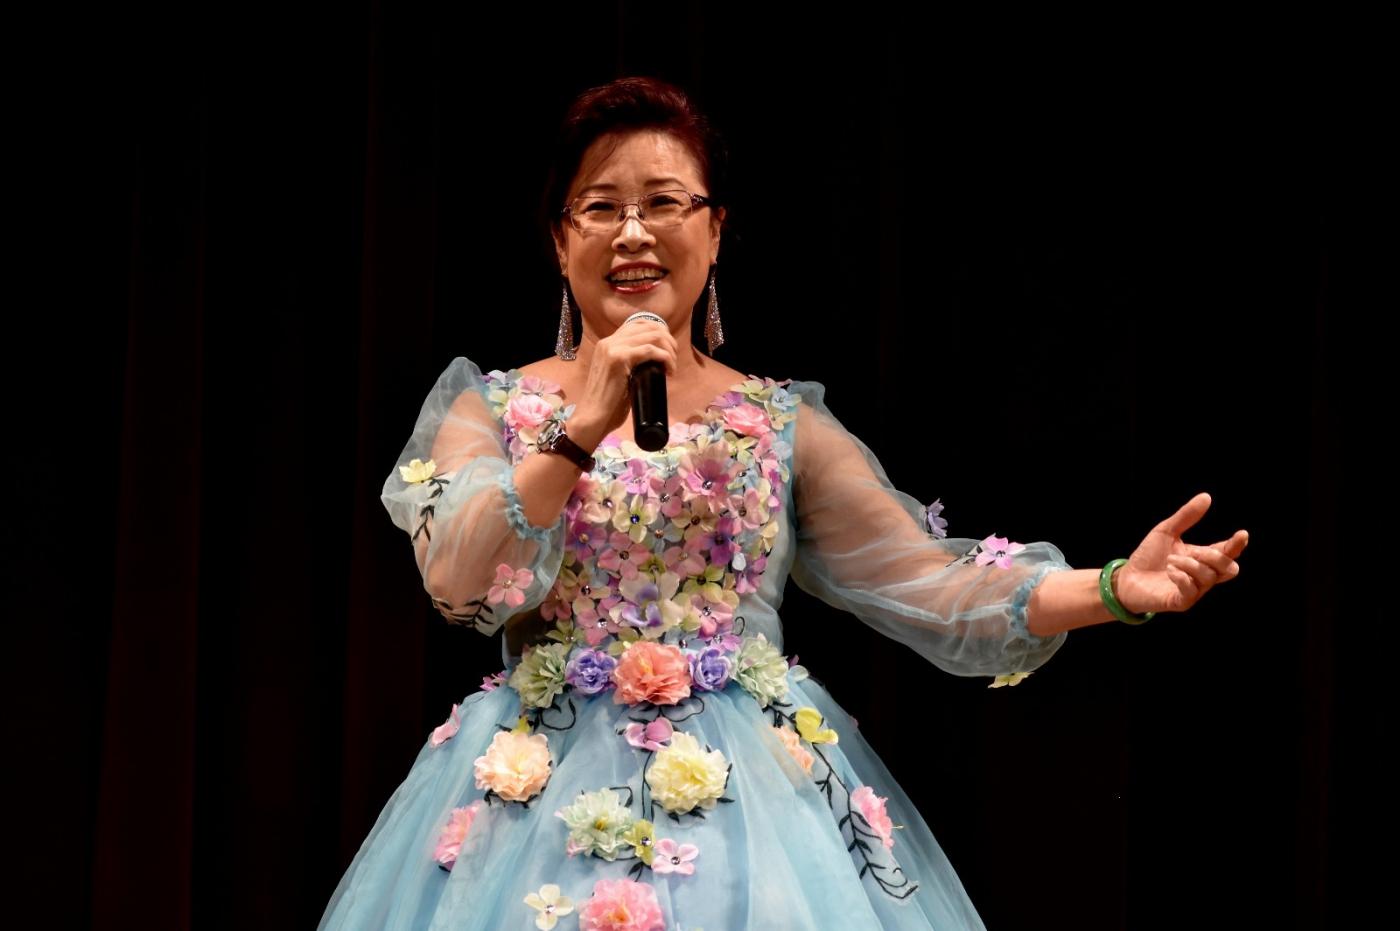 中国民歌集粹音乐会 (1)_图1-31